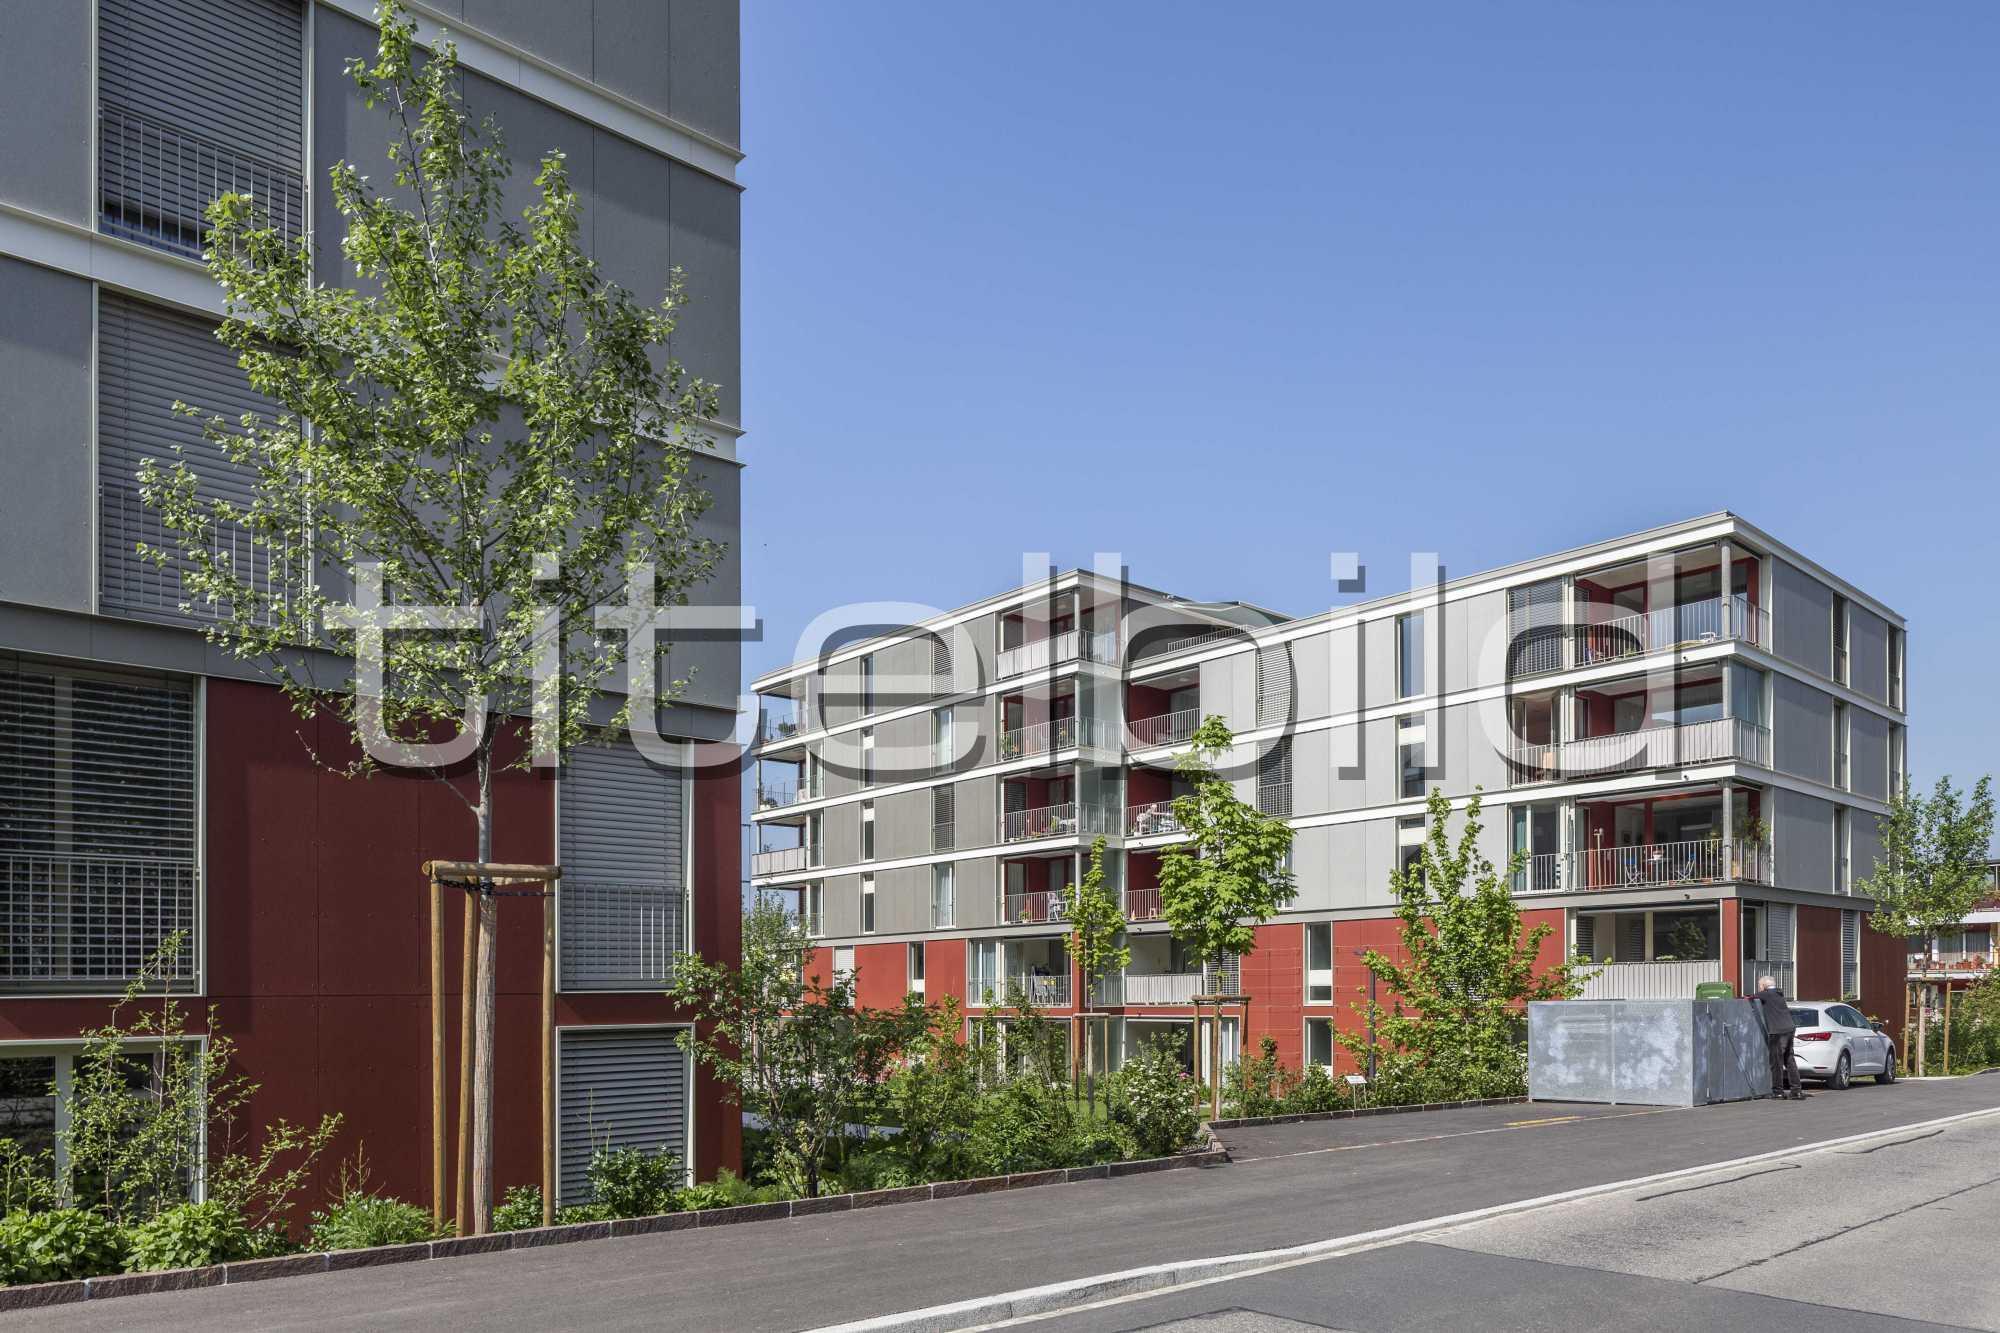 Projektbild-Nr. 2: Wohnüberbauung Sulperg 2